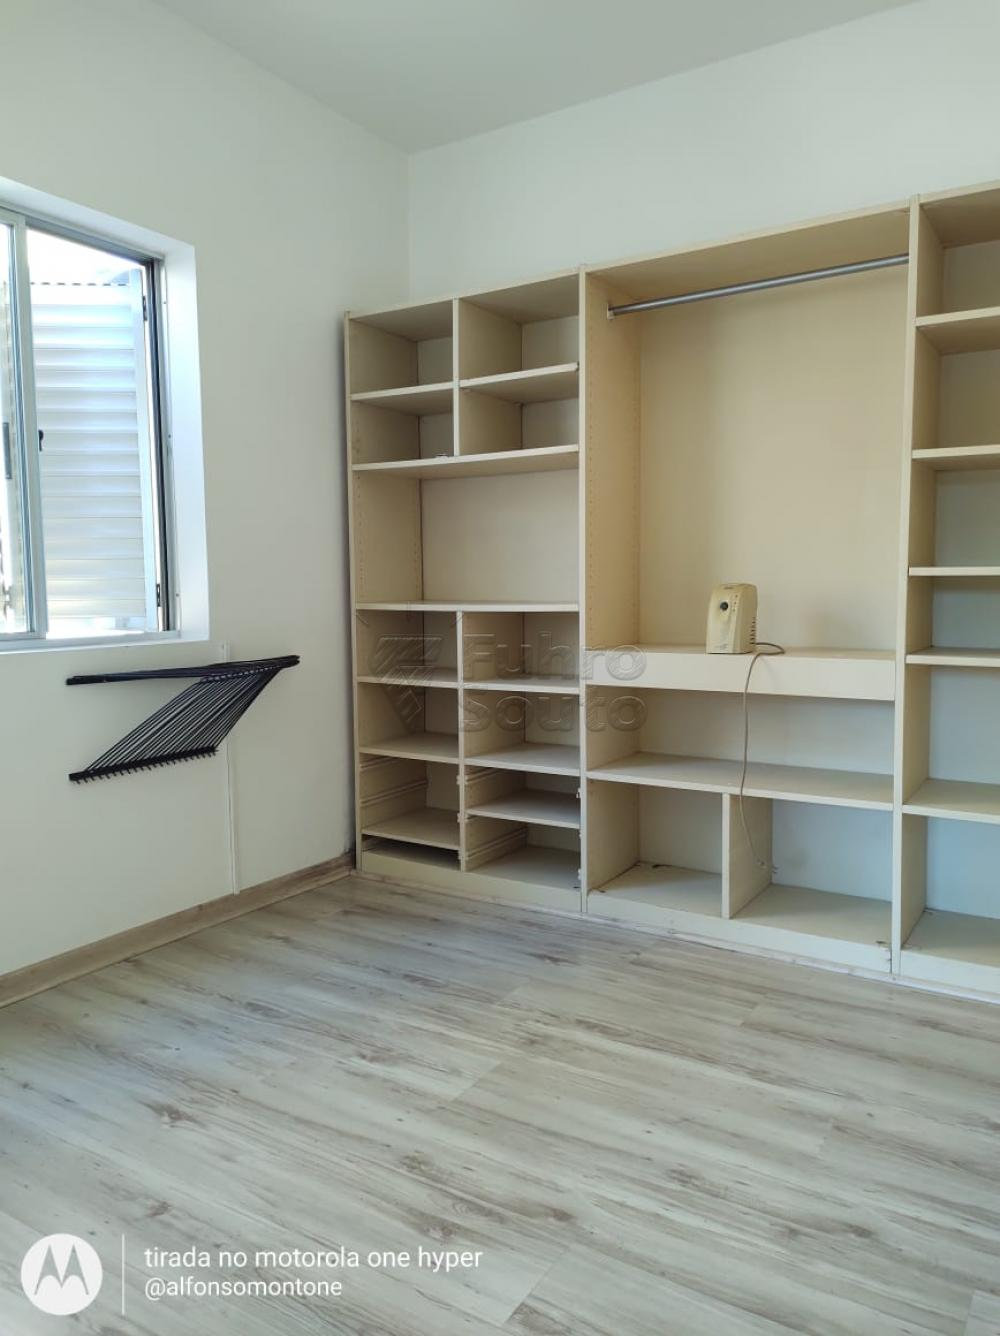 Comprar Apartamento / Padrão em Pelotas R$ 160.000,00 - Foto 8